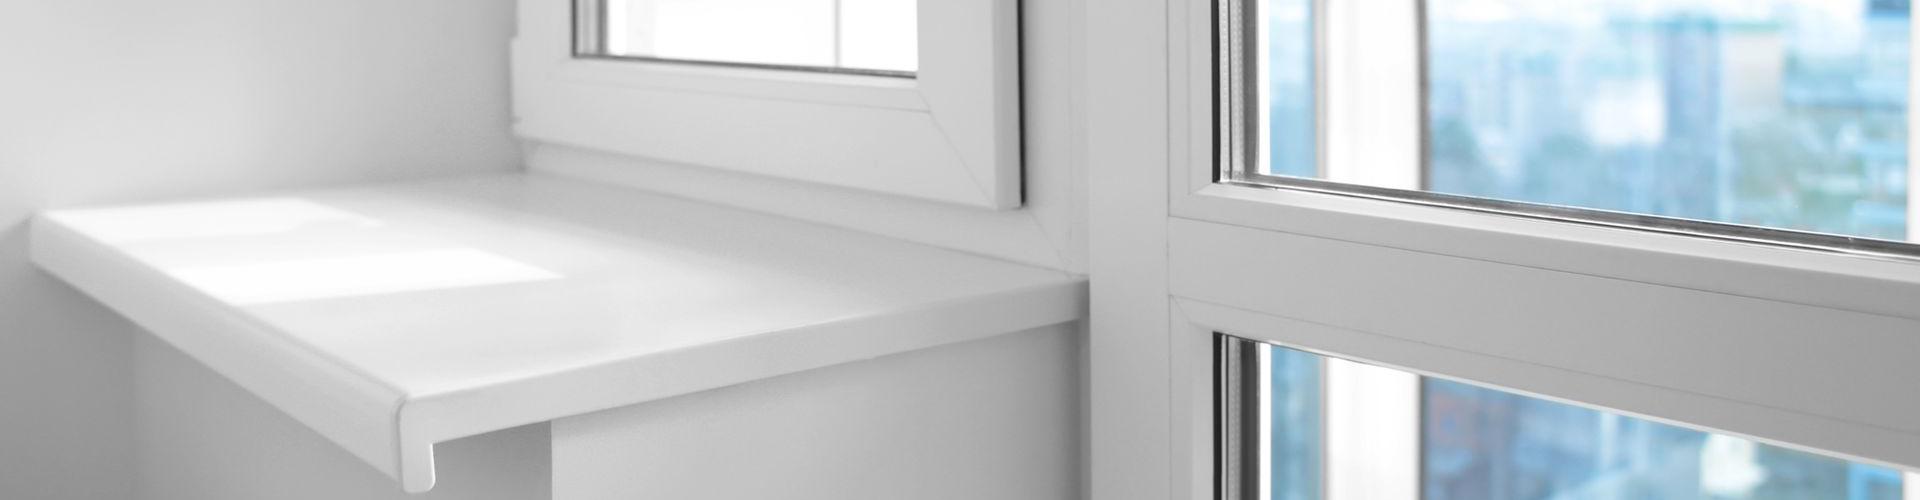 комплектующие для пвх окон и балконов фото